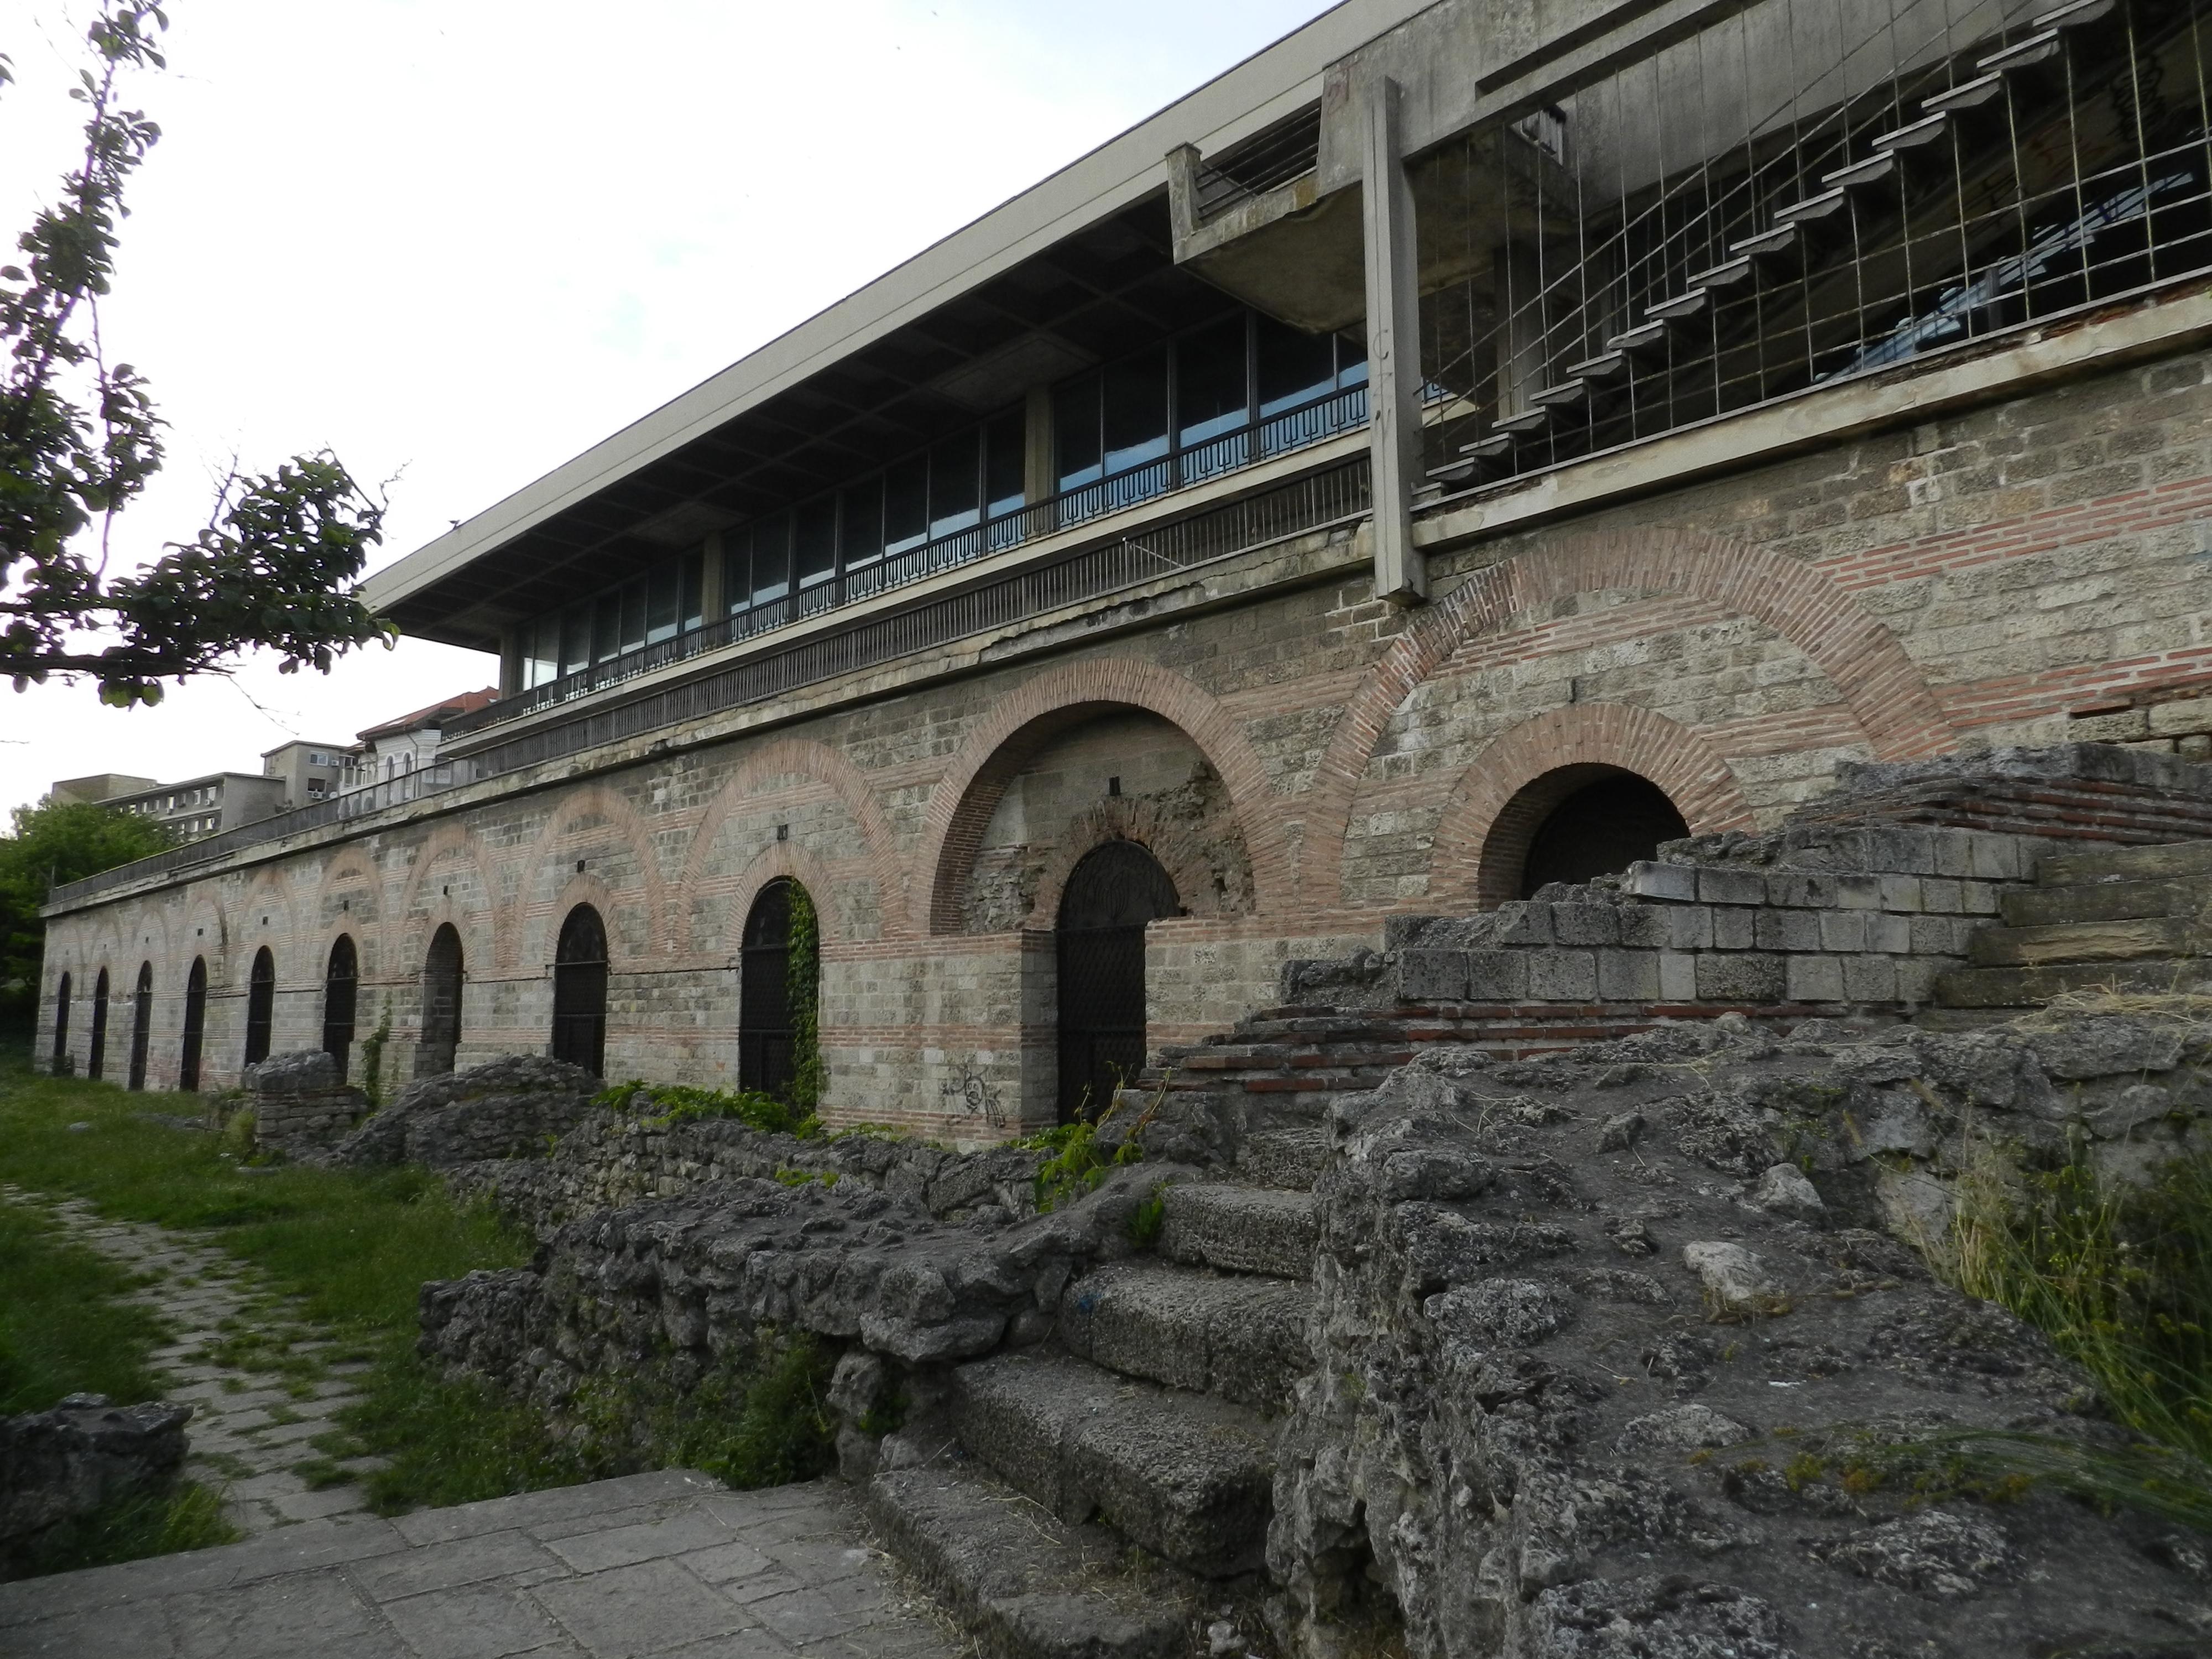 Constanța: Edificiul Roman cu Mozaic, monument din secolele II-IV,  este aproape de prăbușire. Consiliul Județean Constanța speră că va fi salvat cu fonduri europene 7